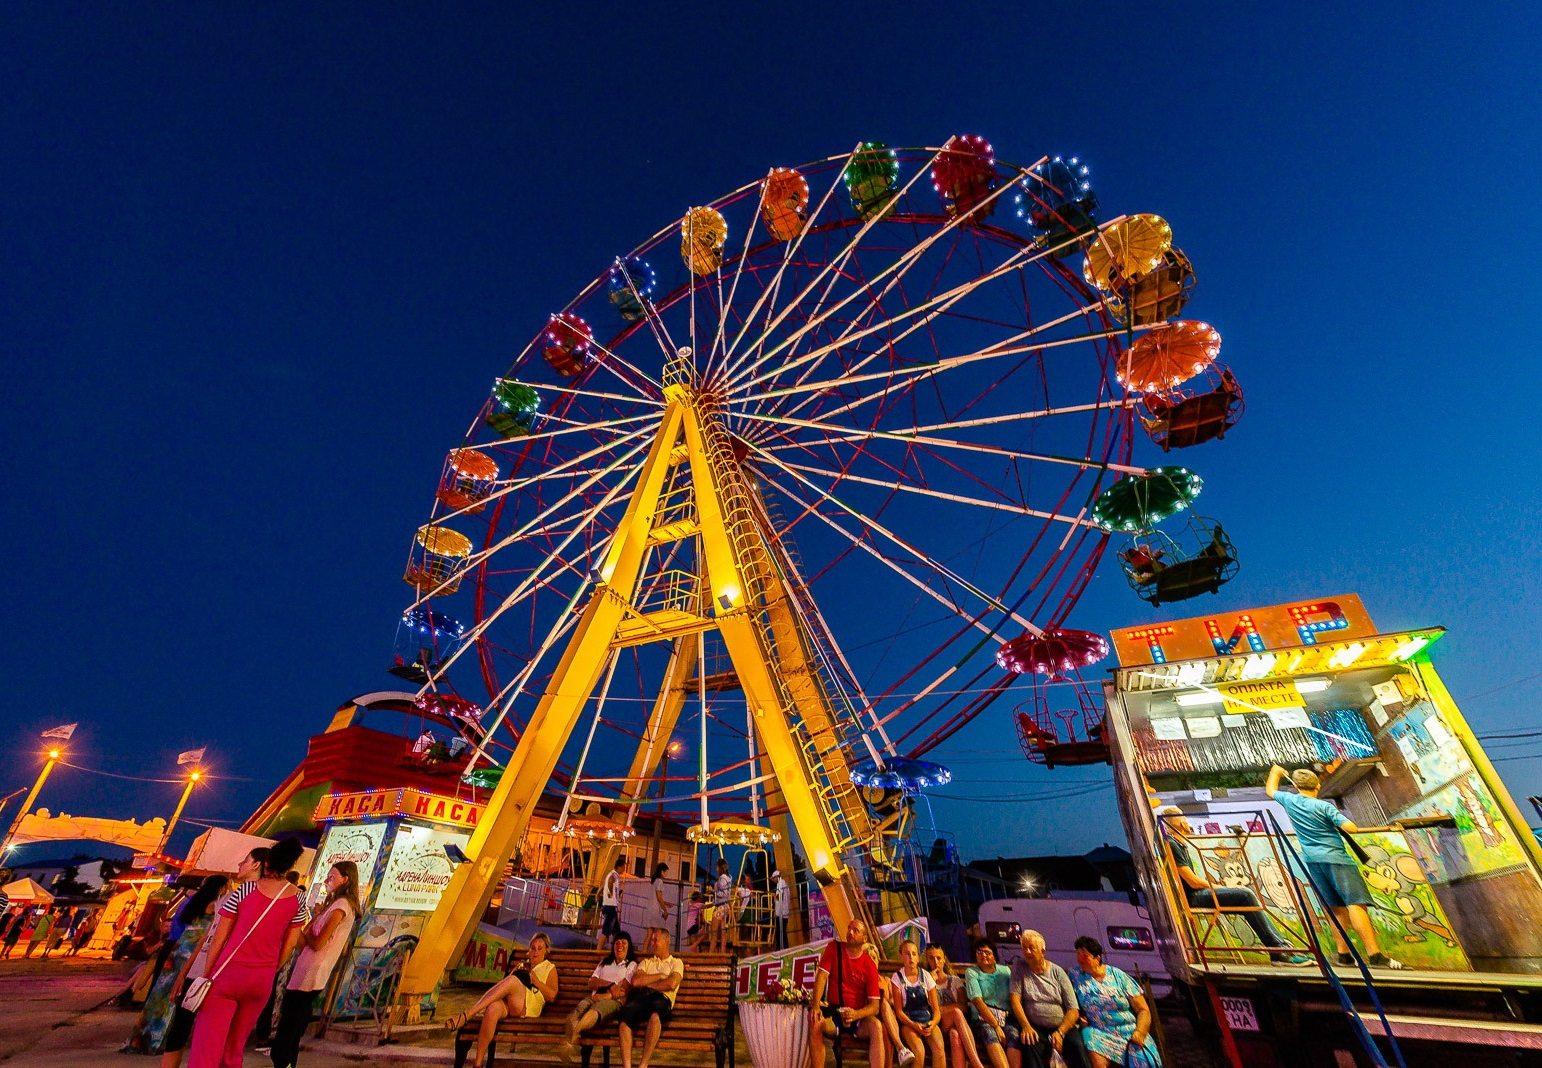 На херсонском курорте установили громадное 30-метровое колесо обозрения